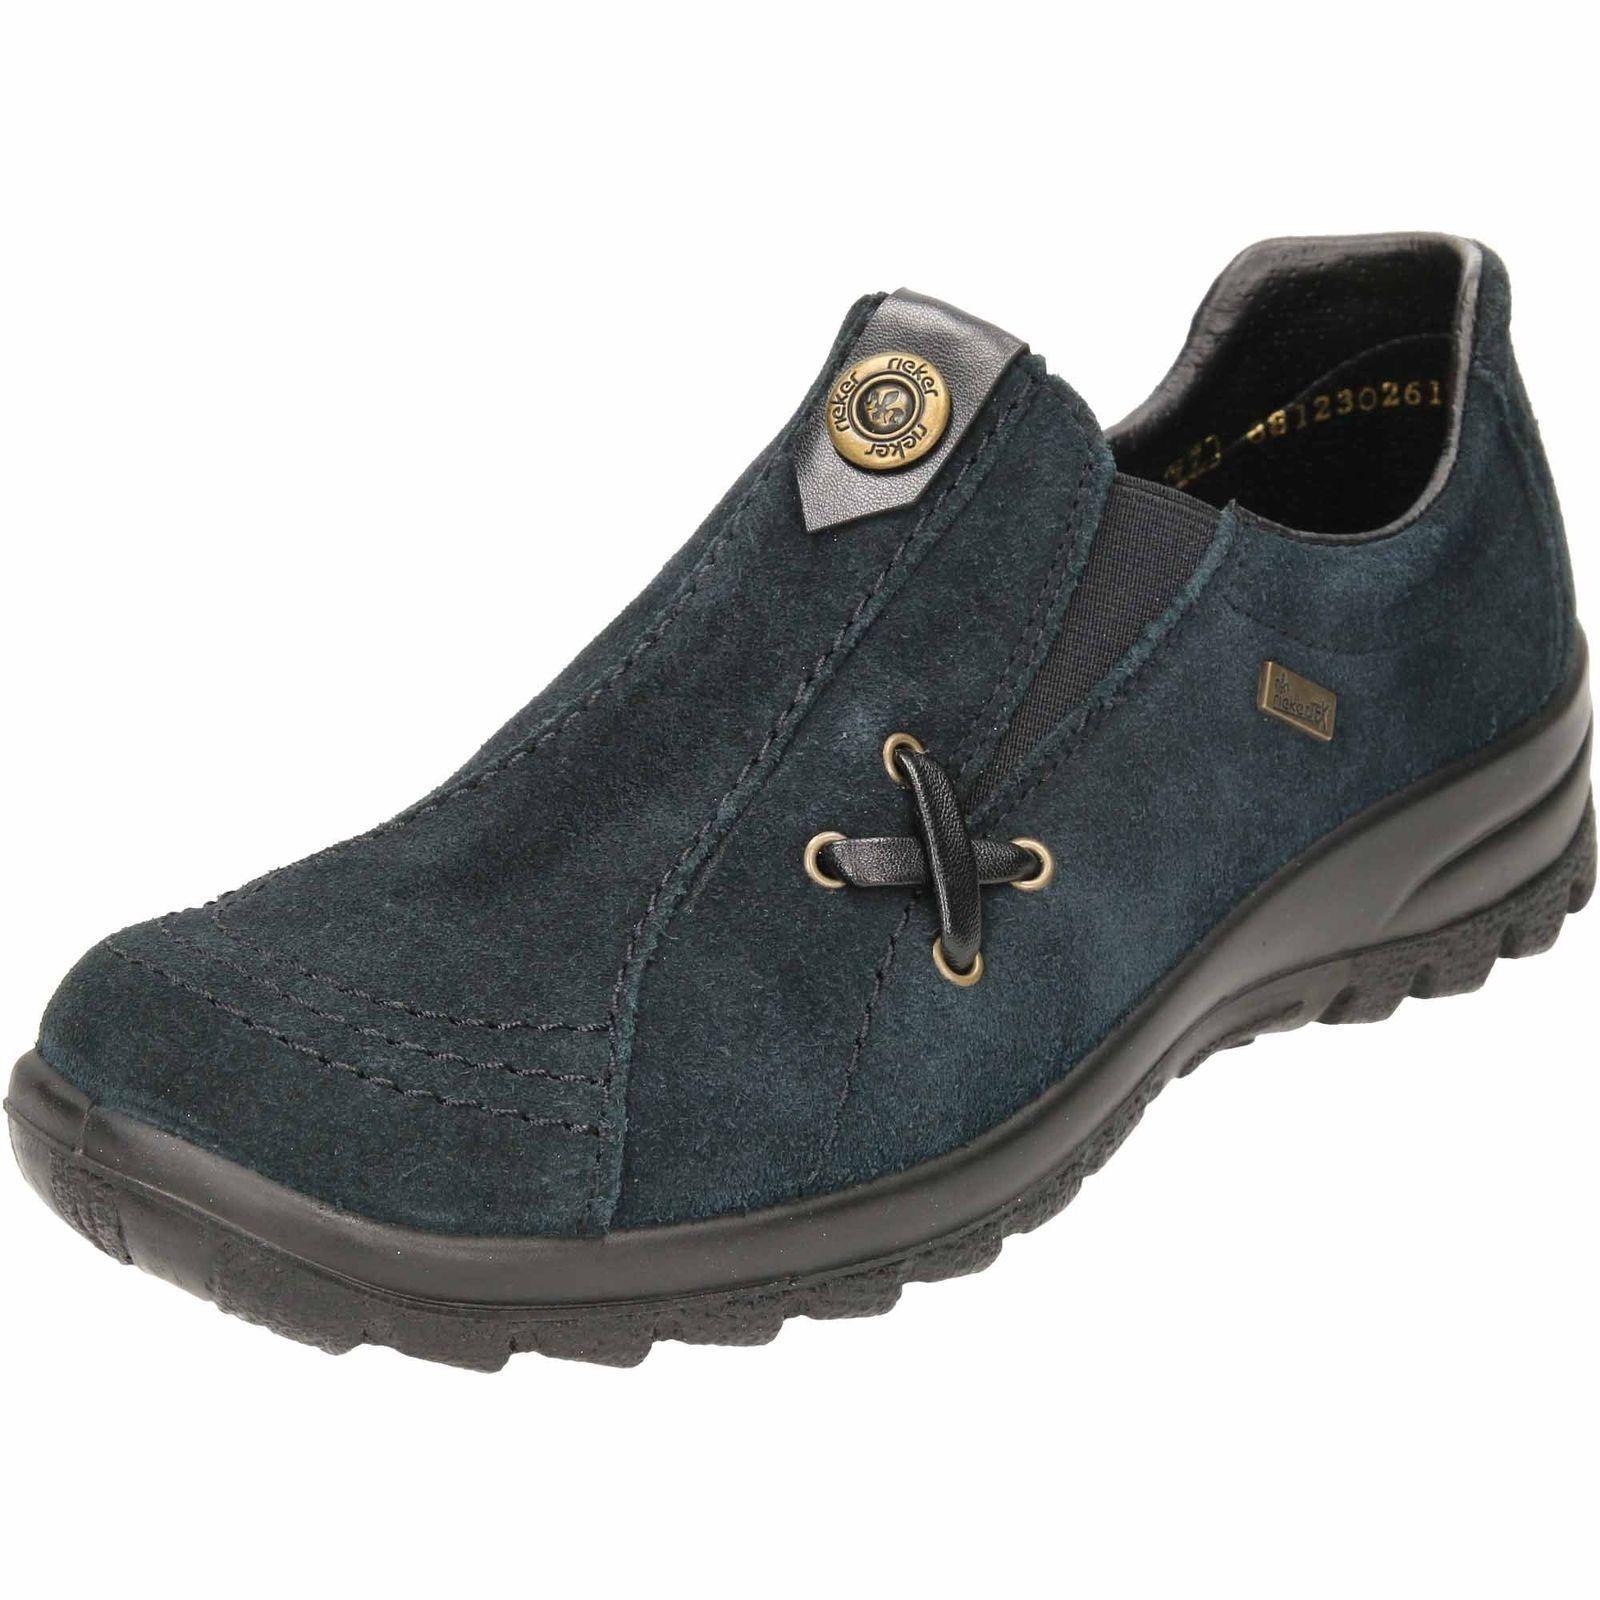 84ebe4740a6f25 Rieker L7171-14 scarpe basse in pelle pelle pelle scamosciata elegante scarpa  da passeggio